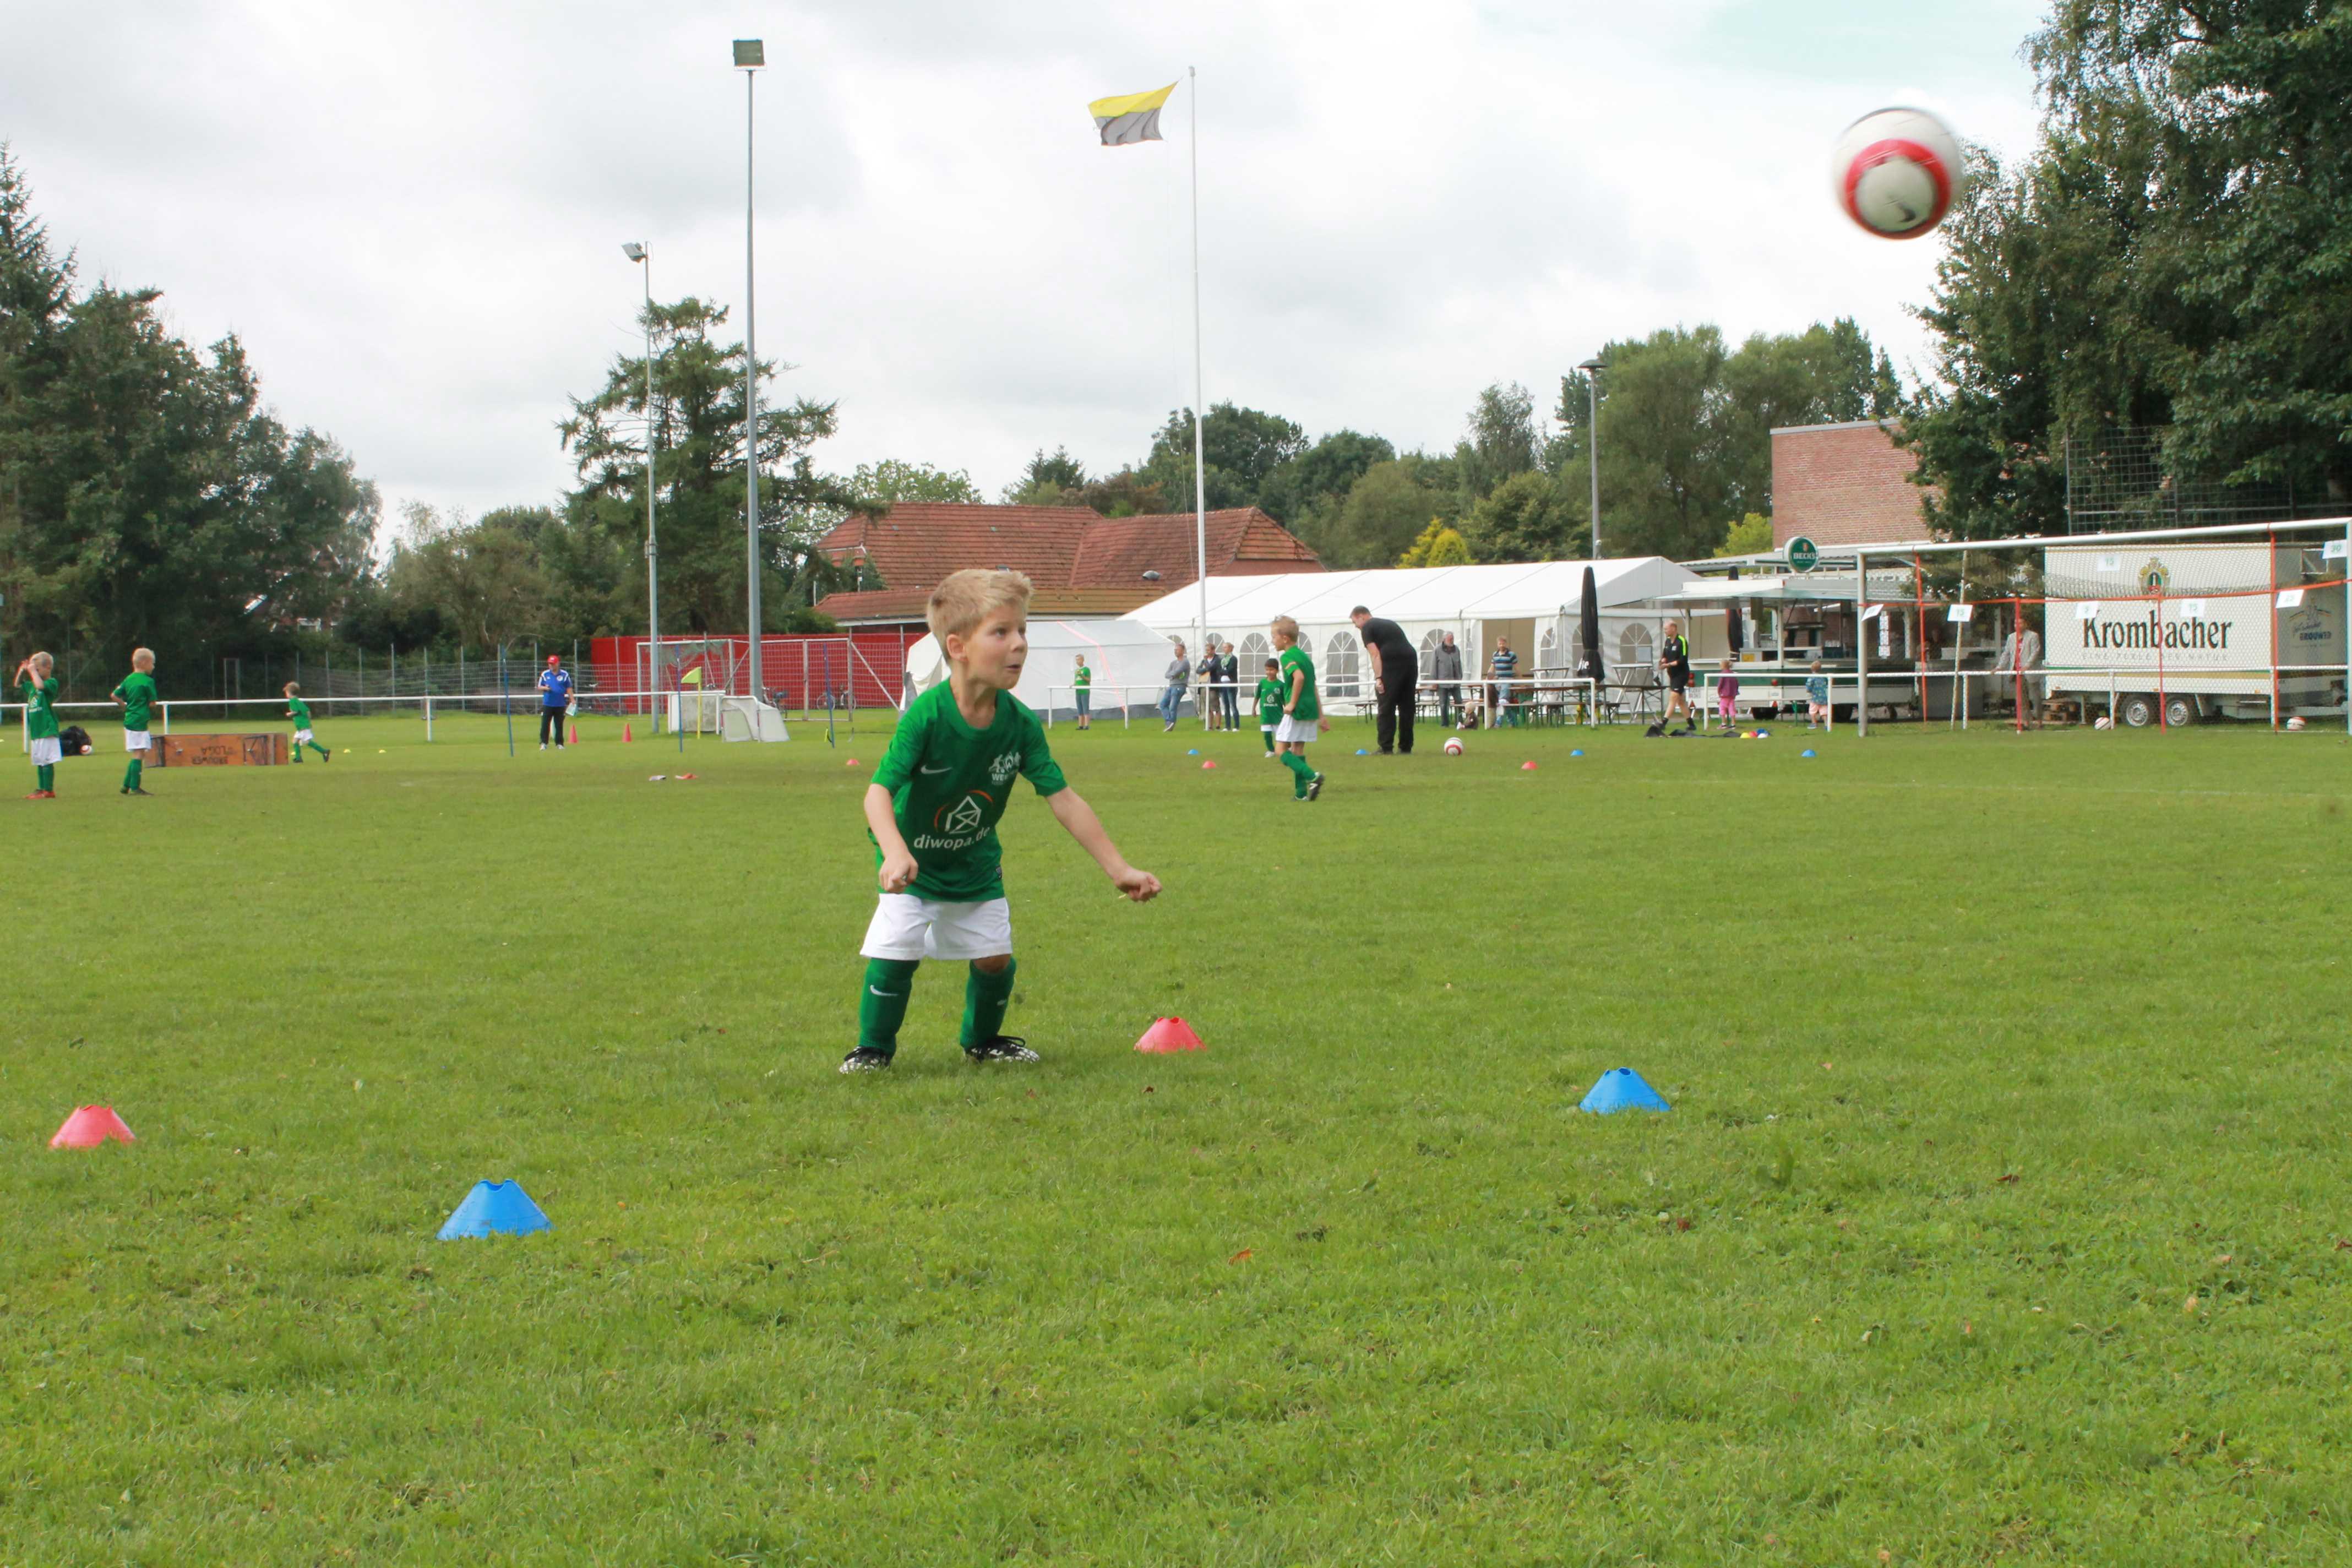 2016-08-13 Werder CAMPontour - Samstag (26)